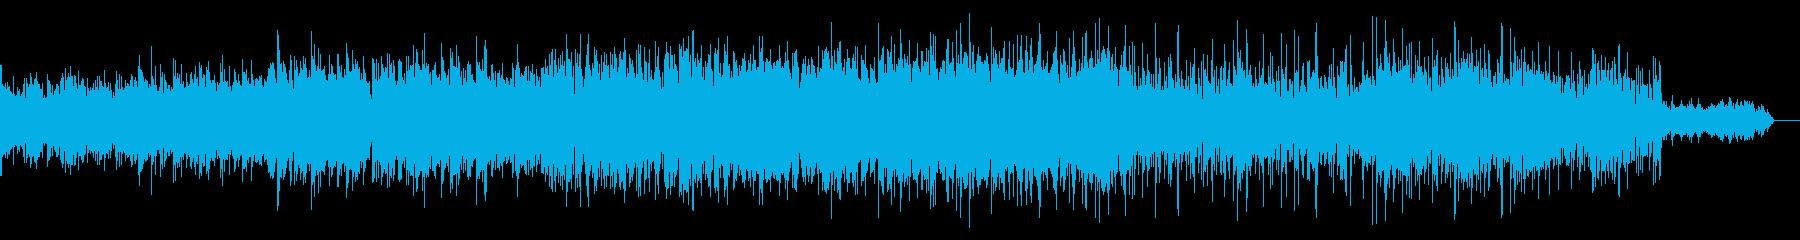 エスニックでノイジーなテクスチャの再生済みの波形